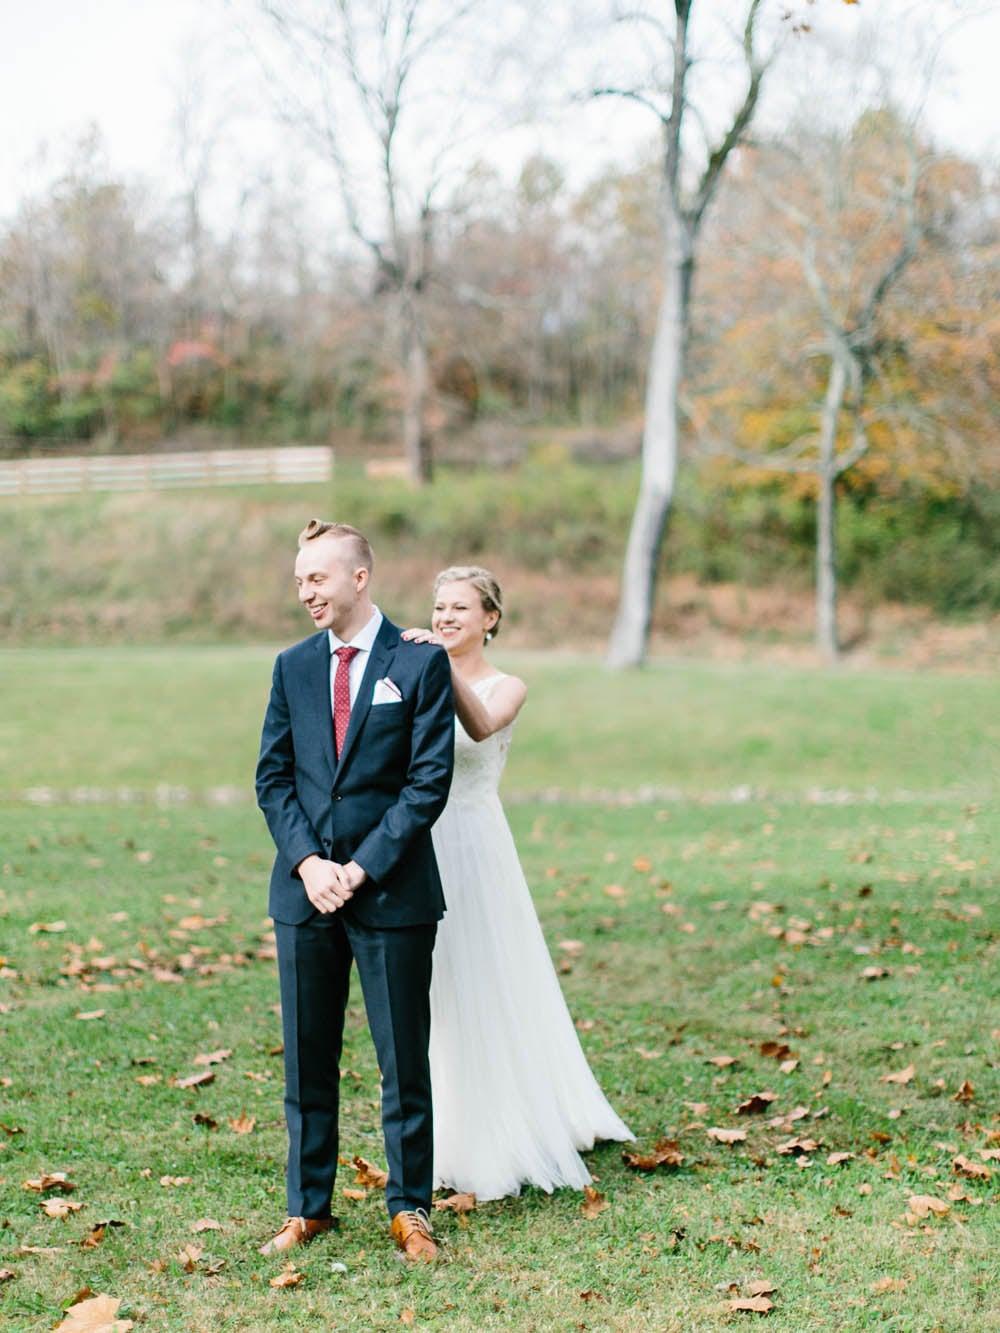 MariaLamb-Branden-Sammi-Wedding106.jpg